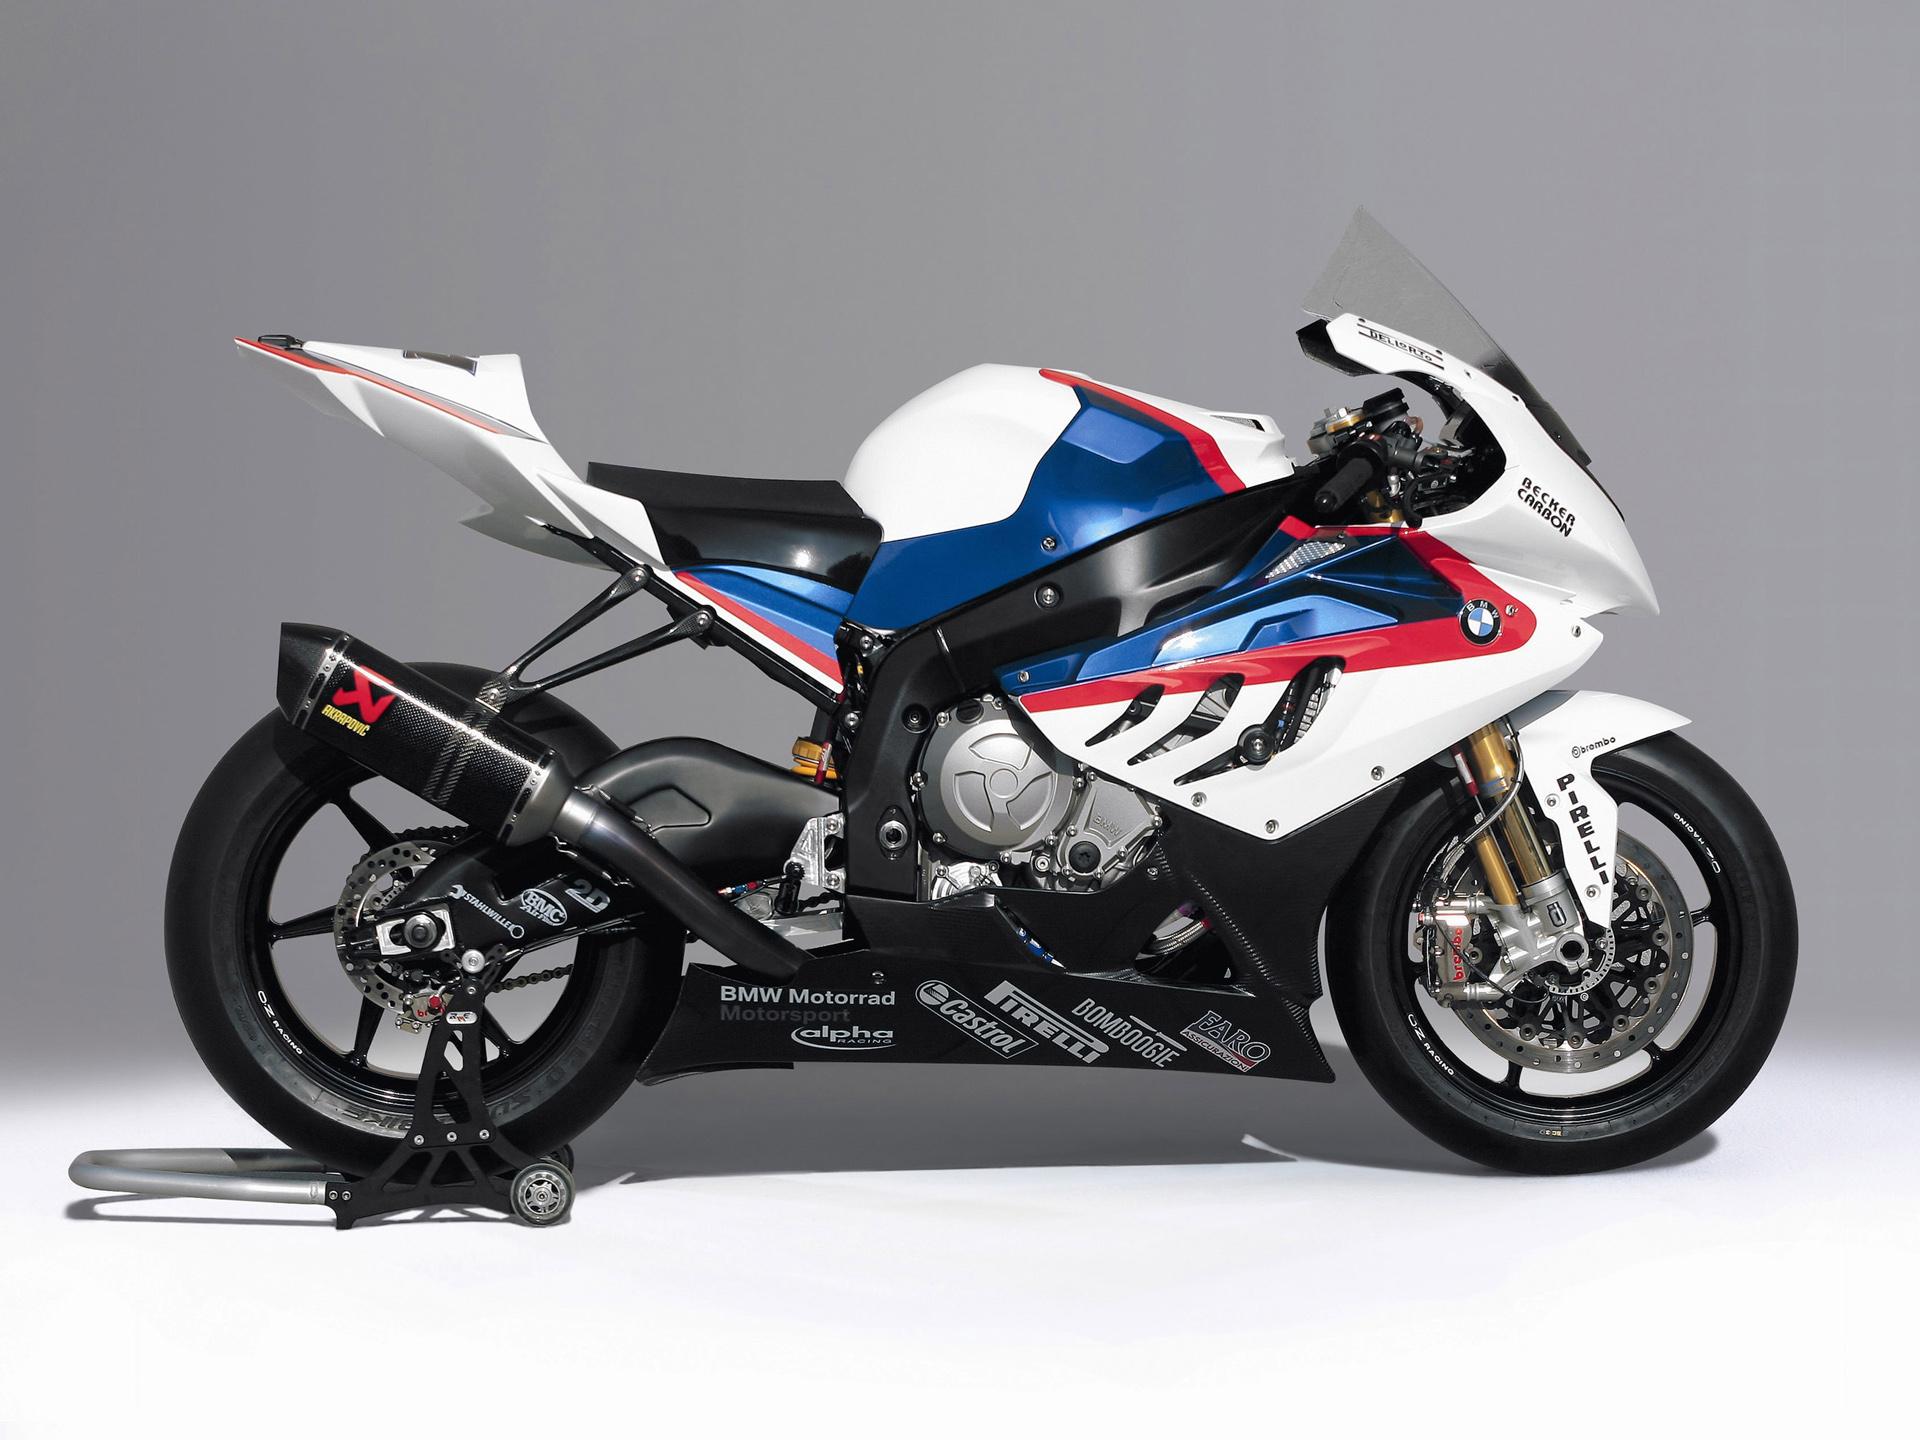 ... BMW S 1000 RR SBK racebike ...